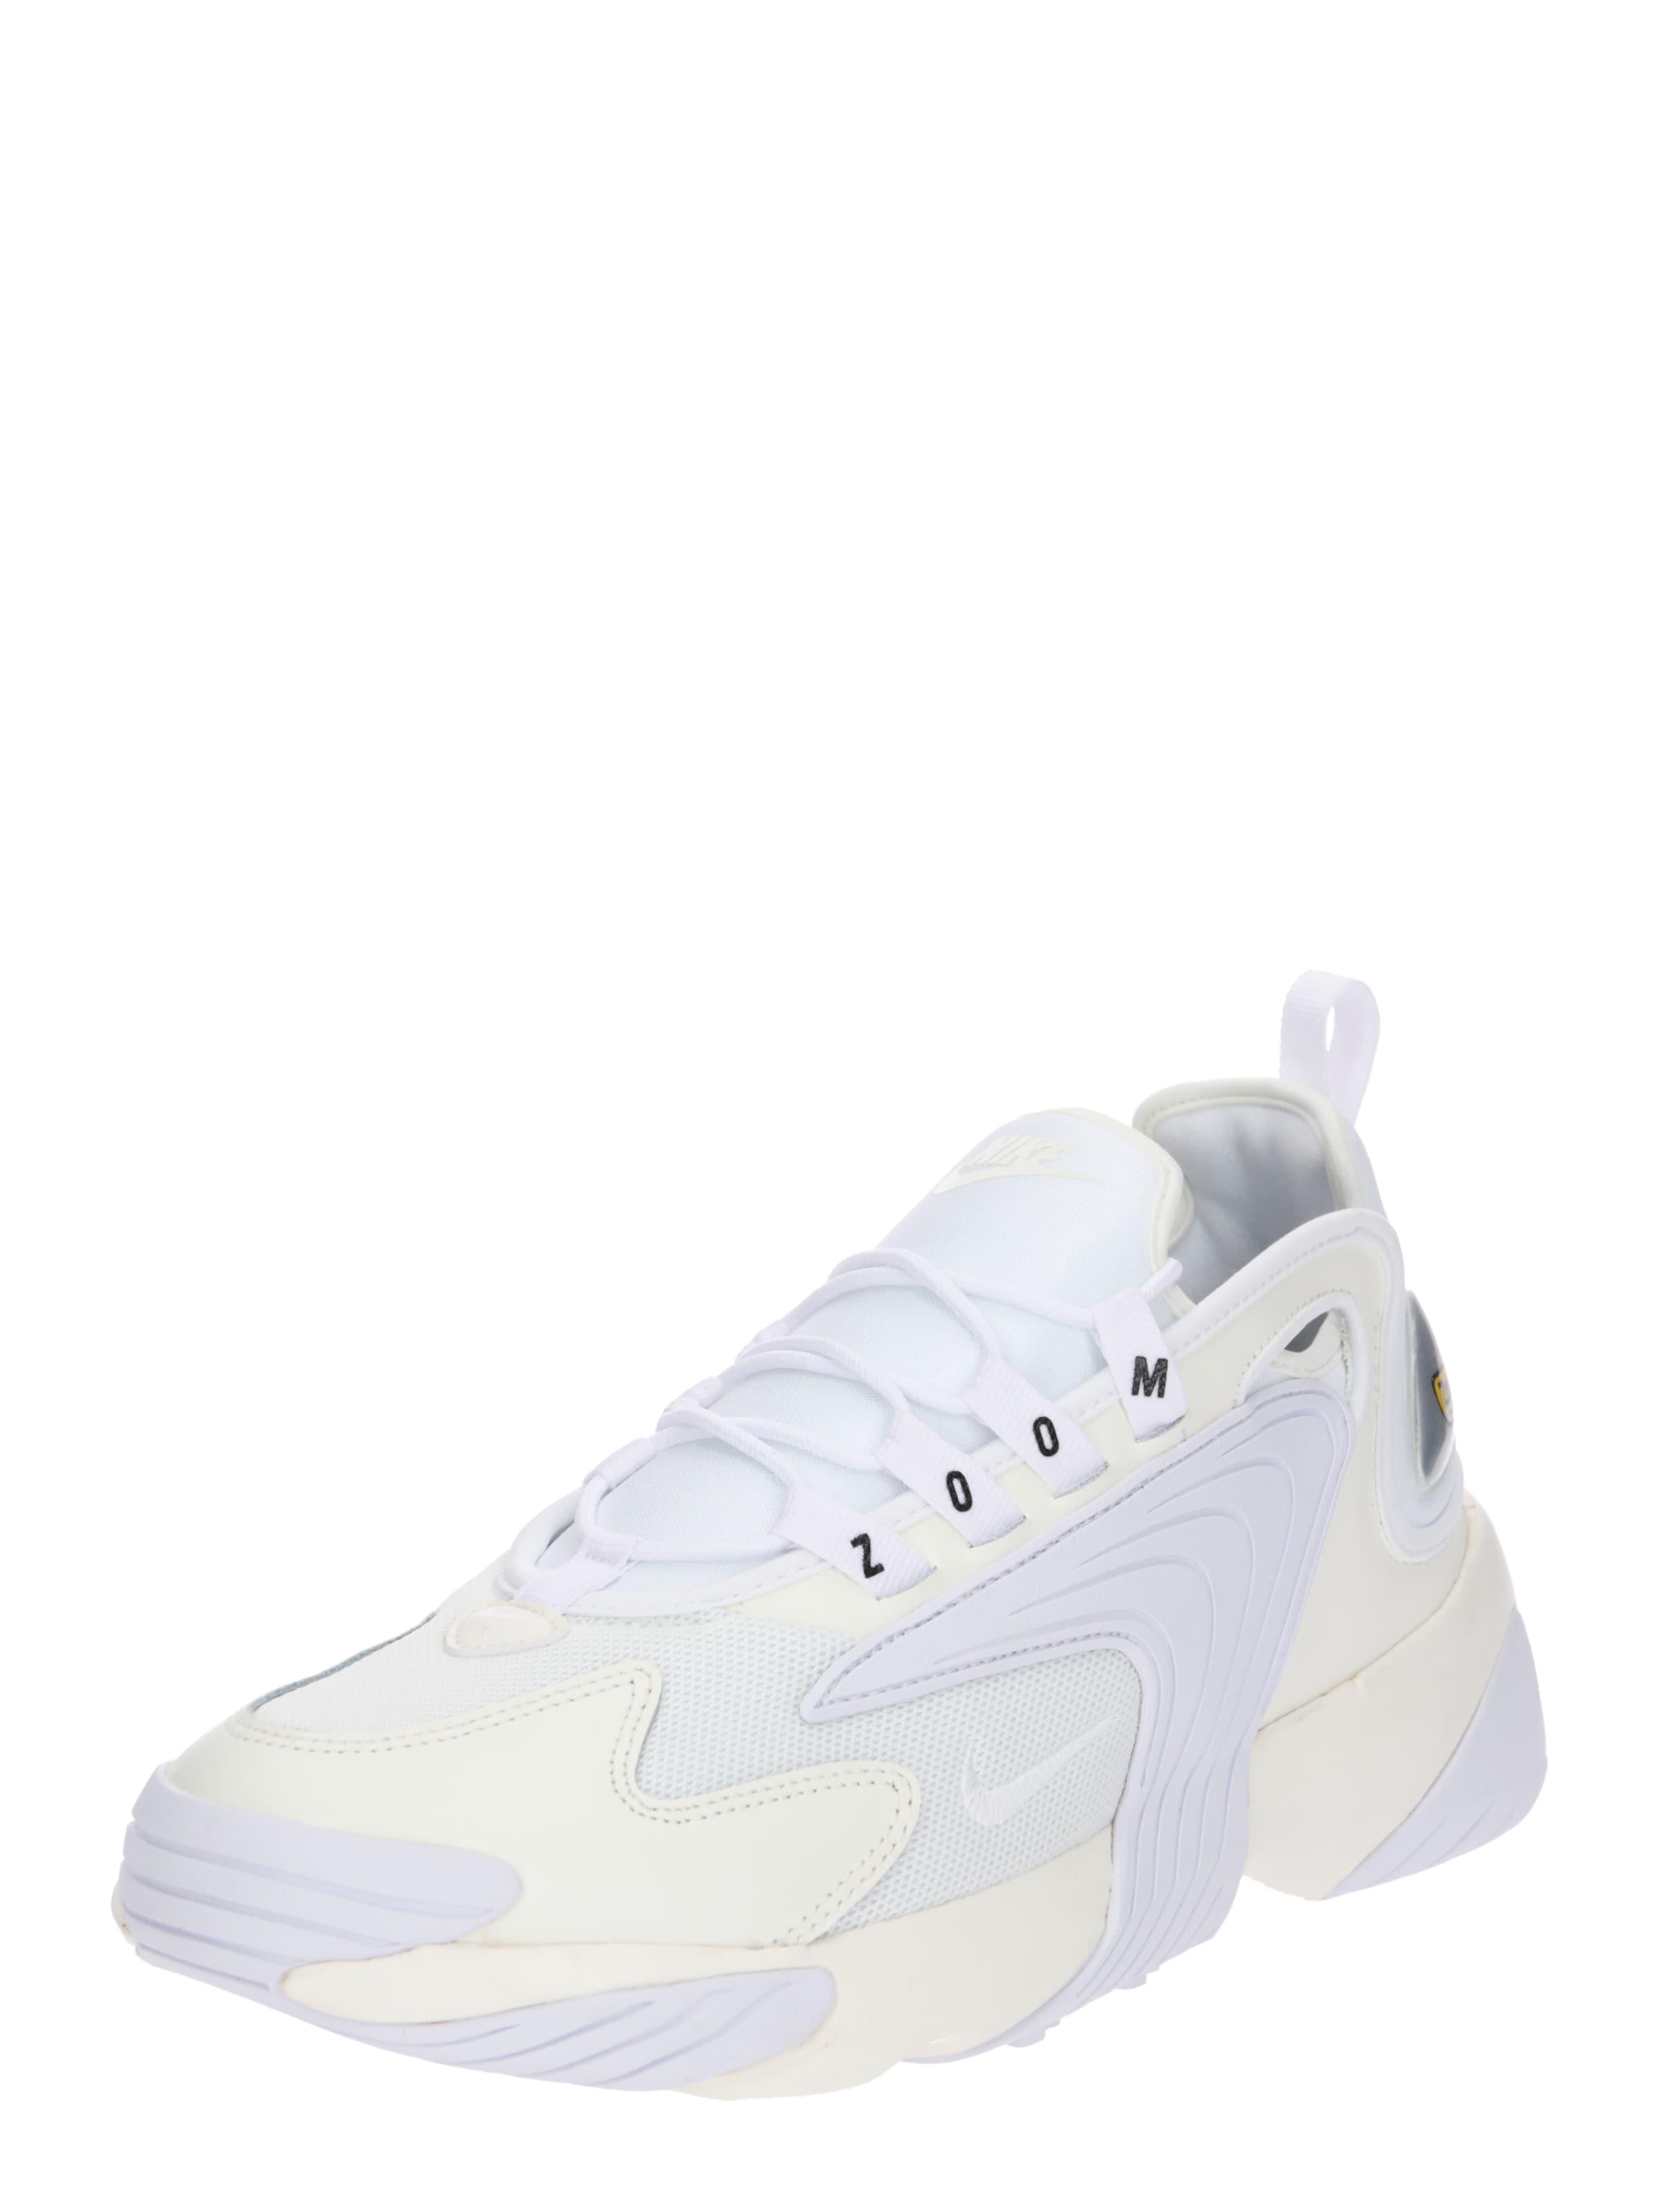 Nike 'nike Weiß 2k' Zoom In Sportswear Sneaker GjSUMLzVqp